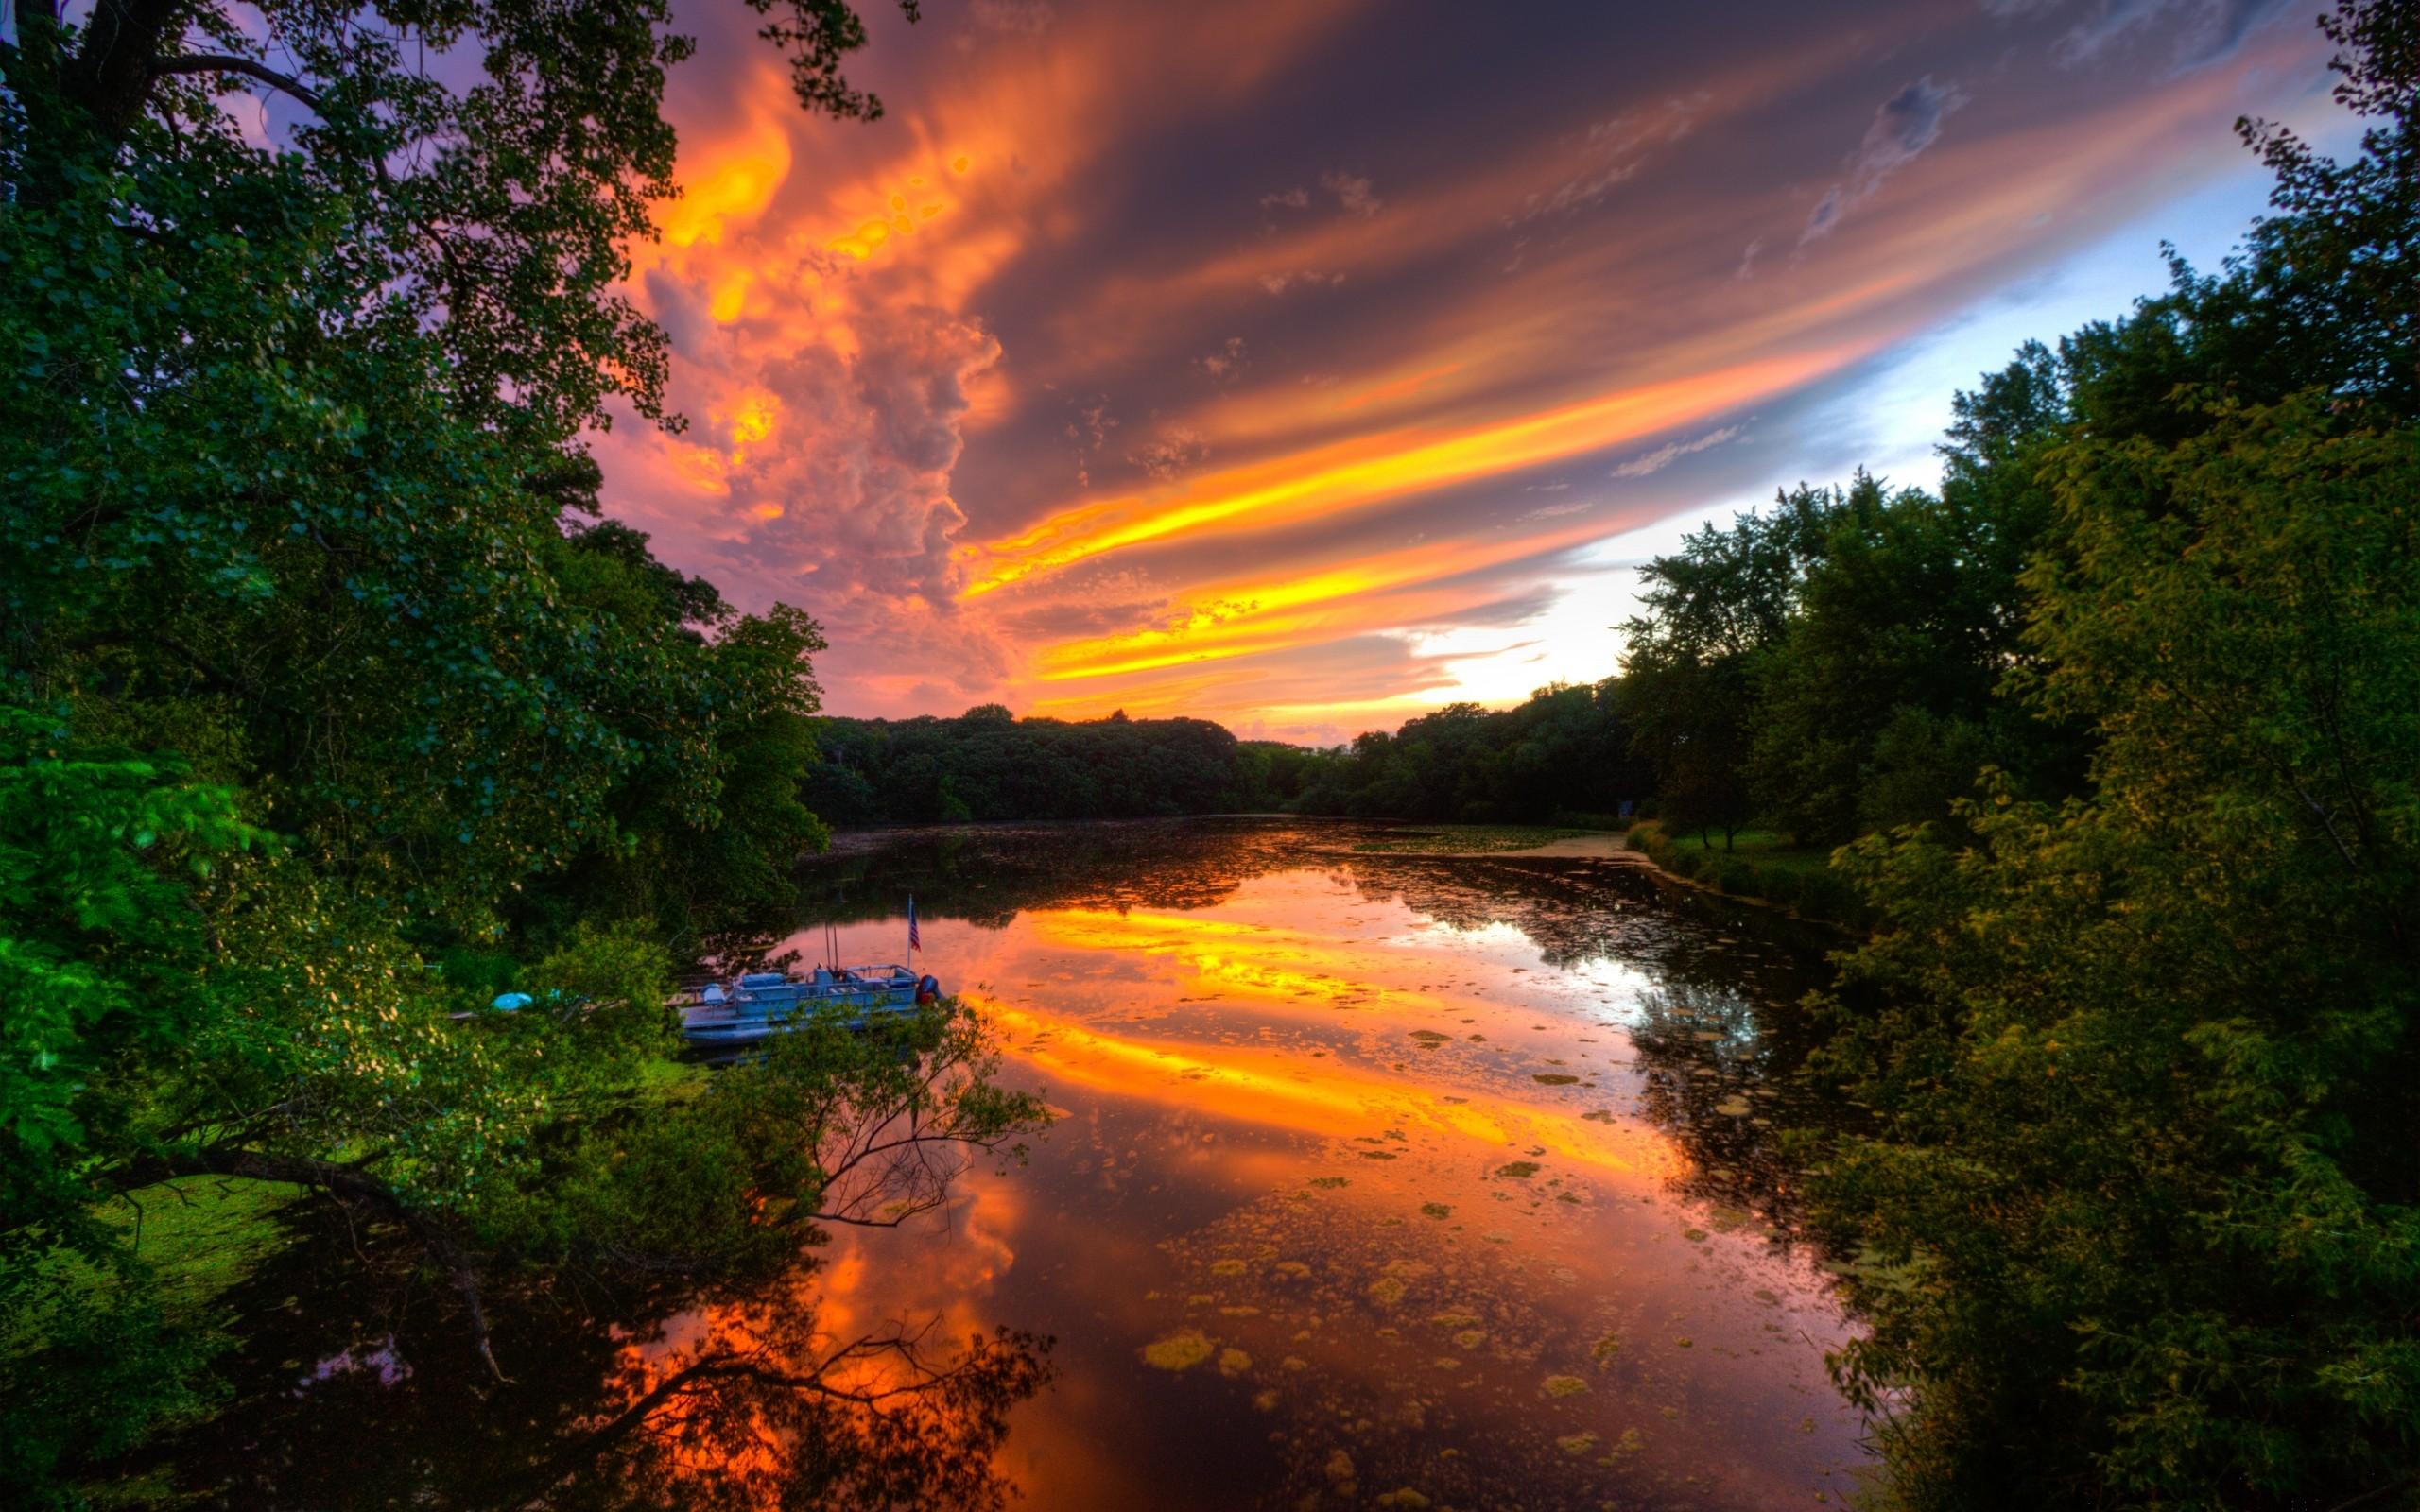 прозрачные красивые картинки пейзаж закат показывают результаты